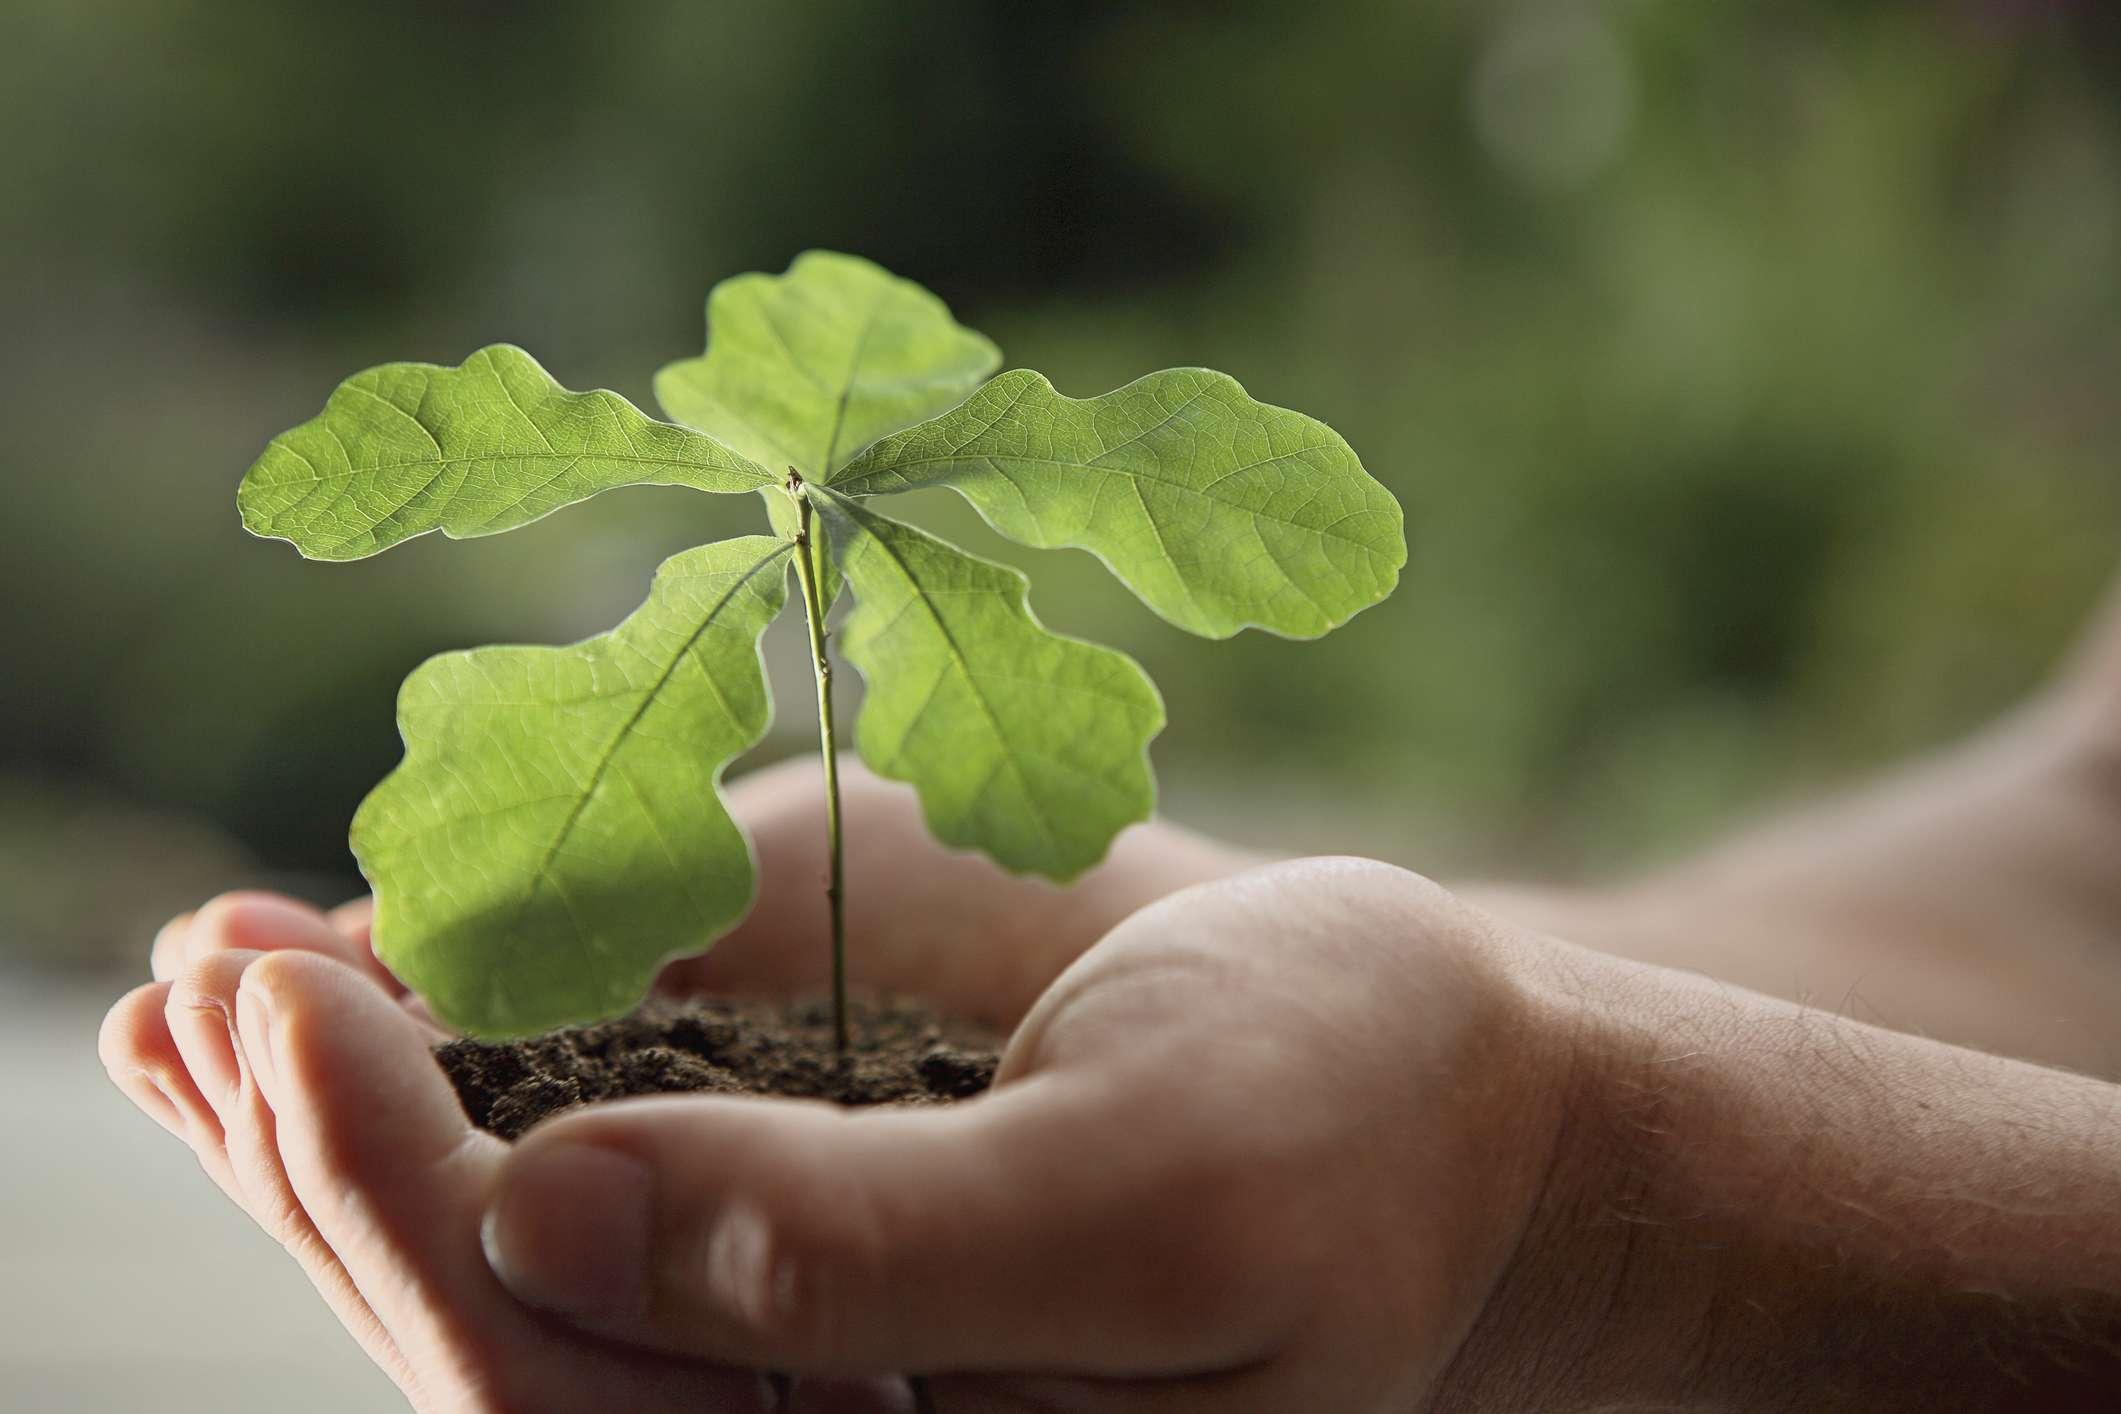 Oak seedling being held in white hands.